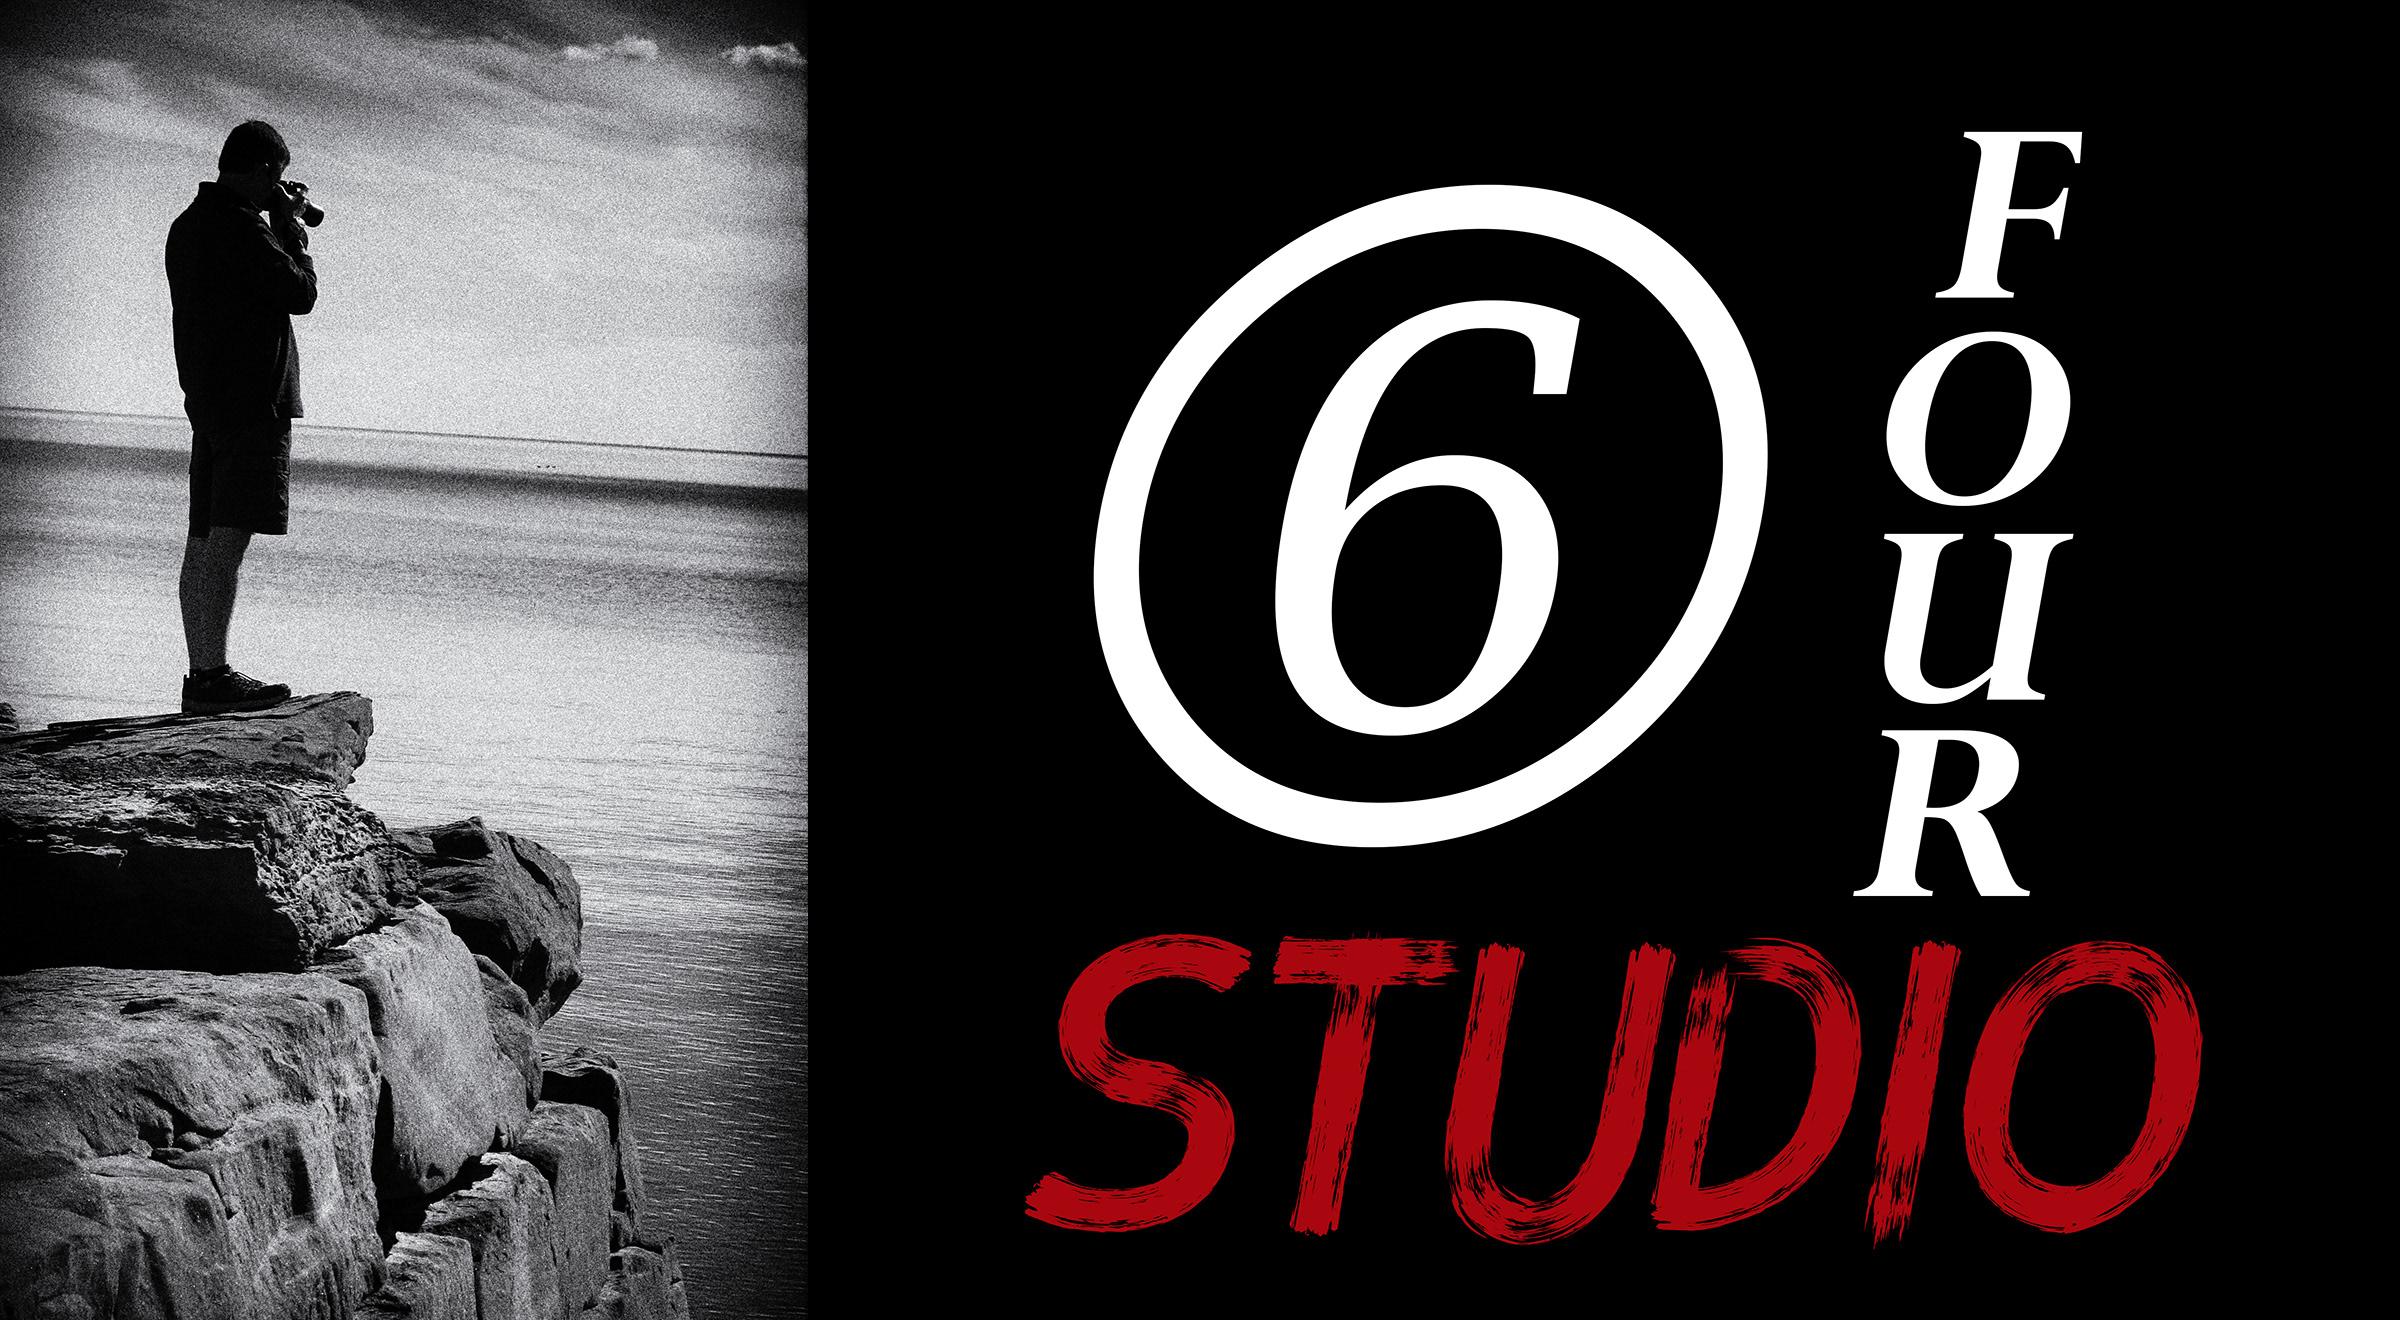 6Four Studio